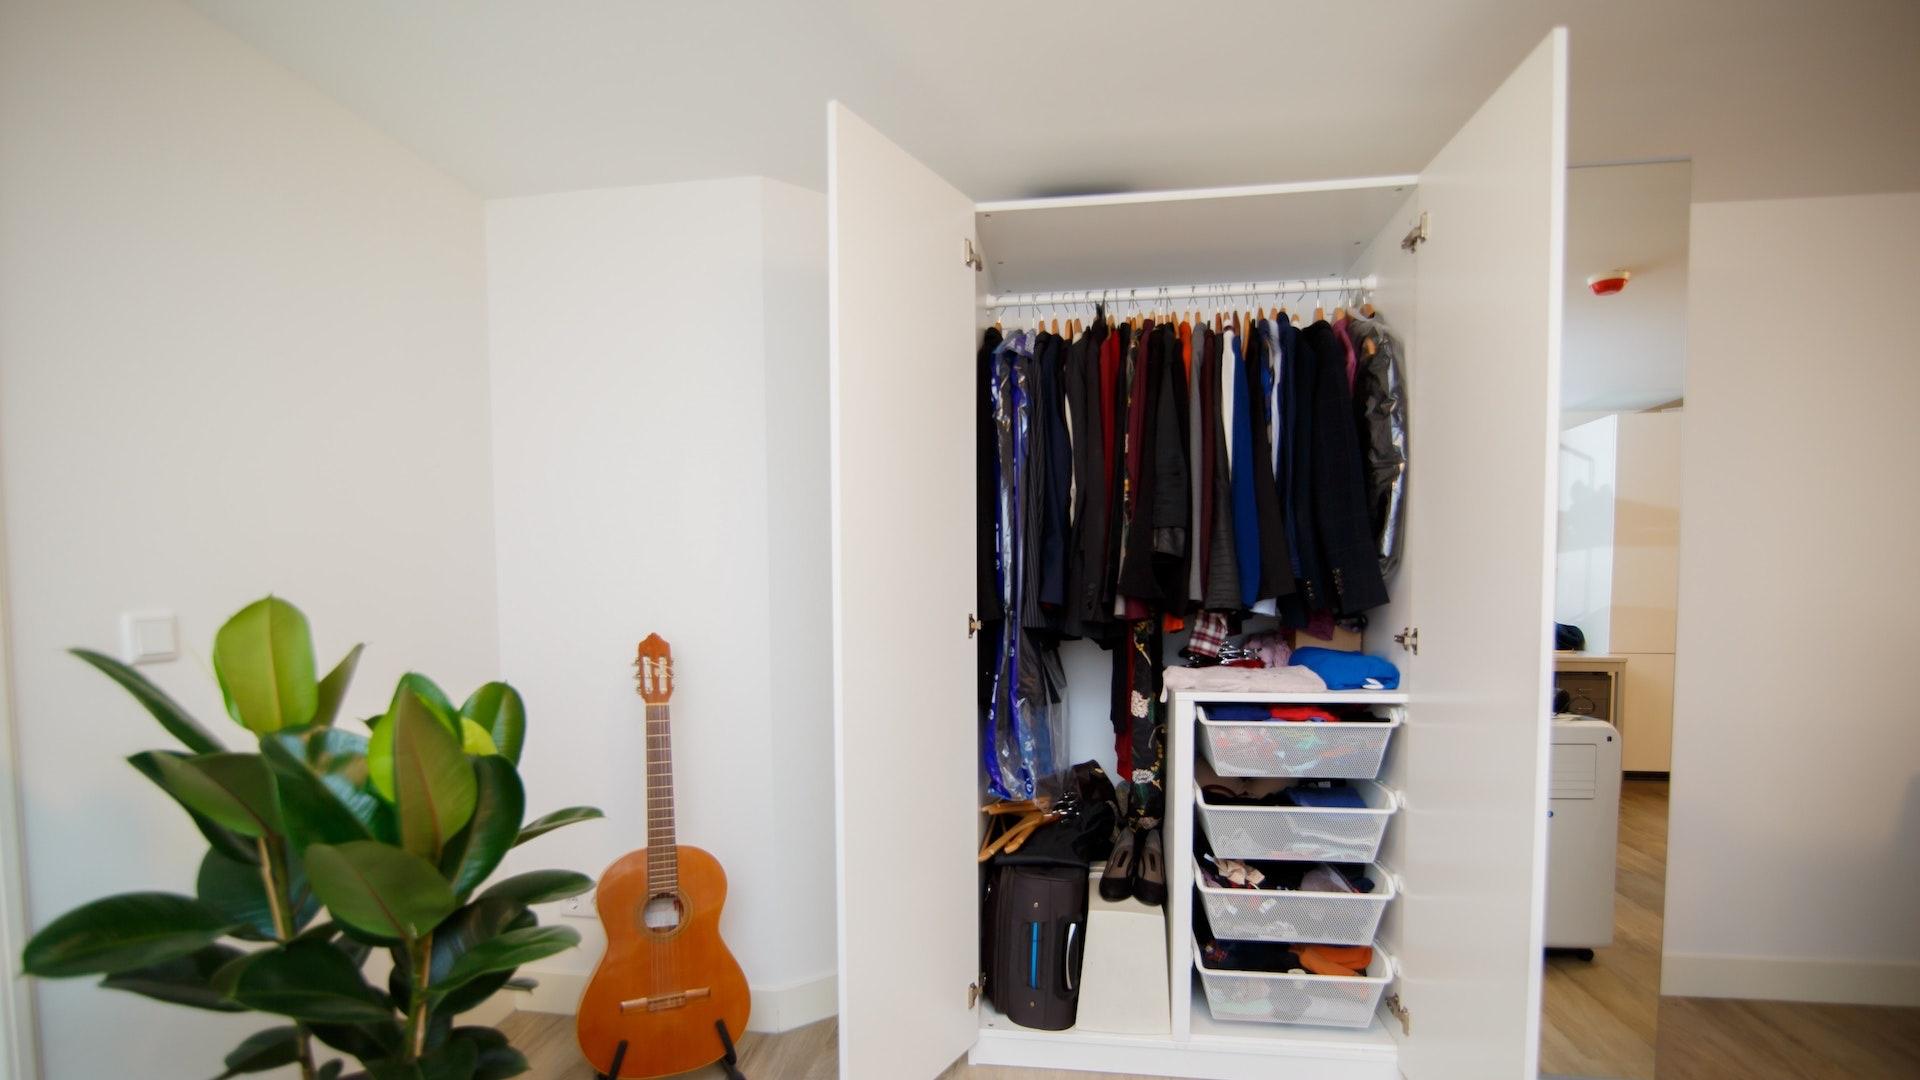 クローゼットとギターと観葉植物のある部屋